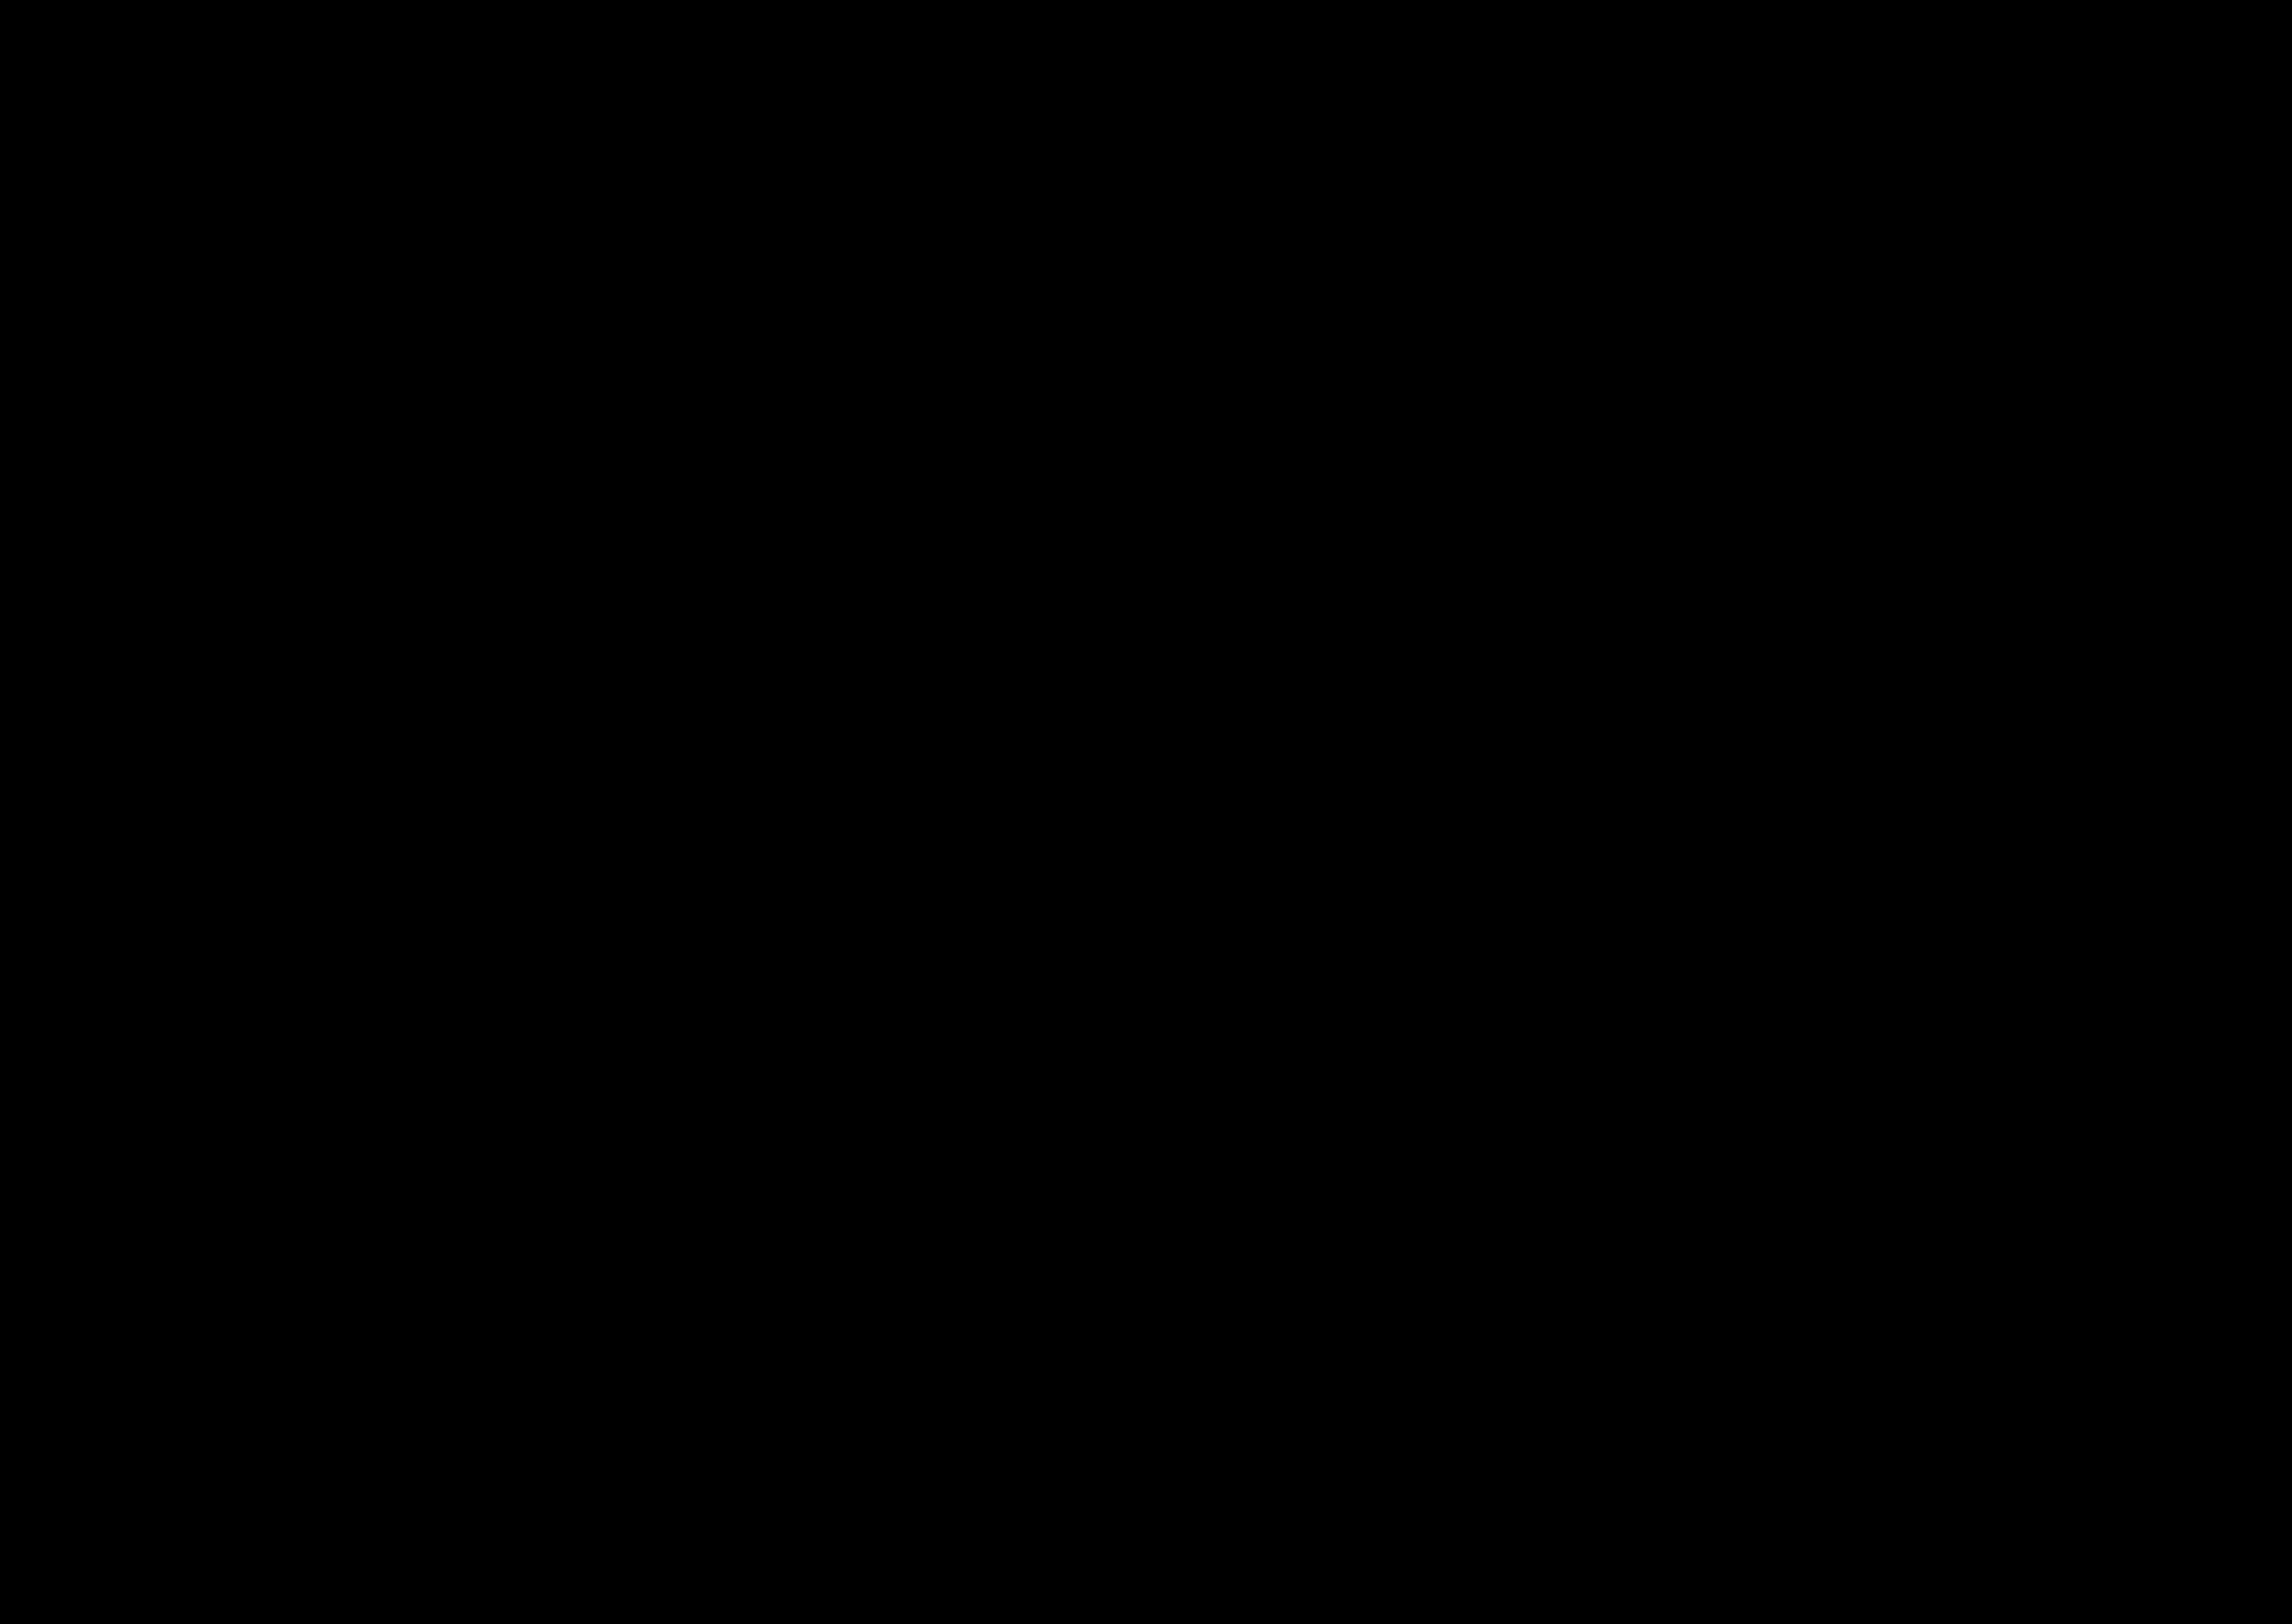 Casa SAB - Valea Chioarului  - Poza 3